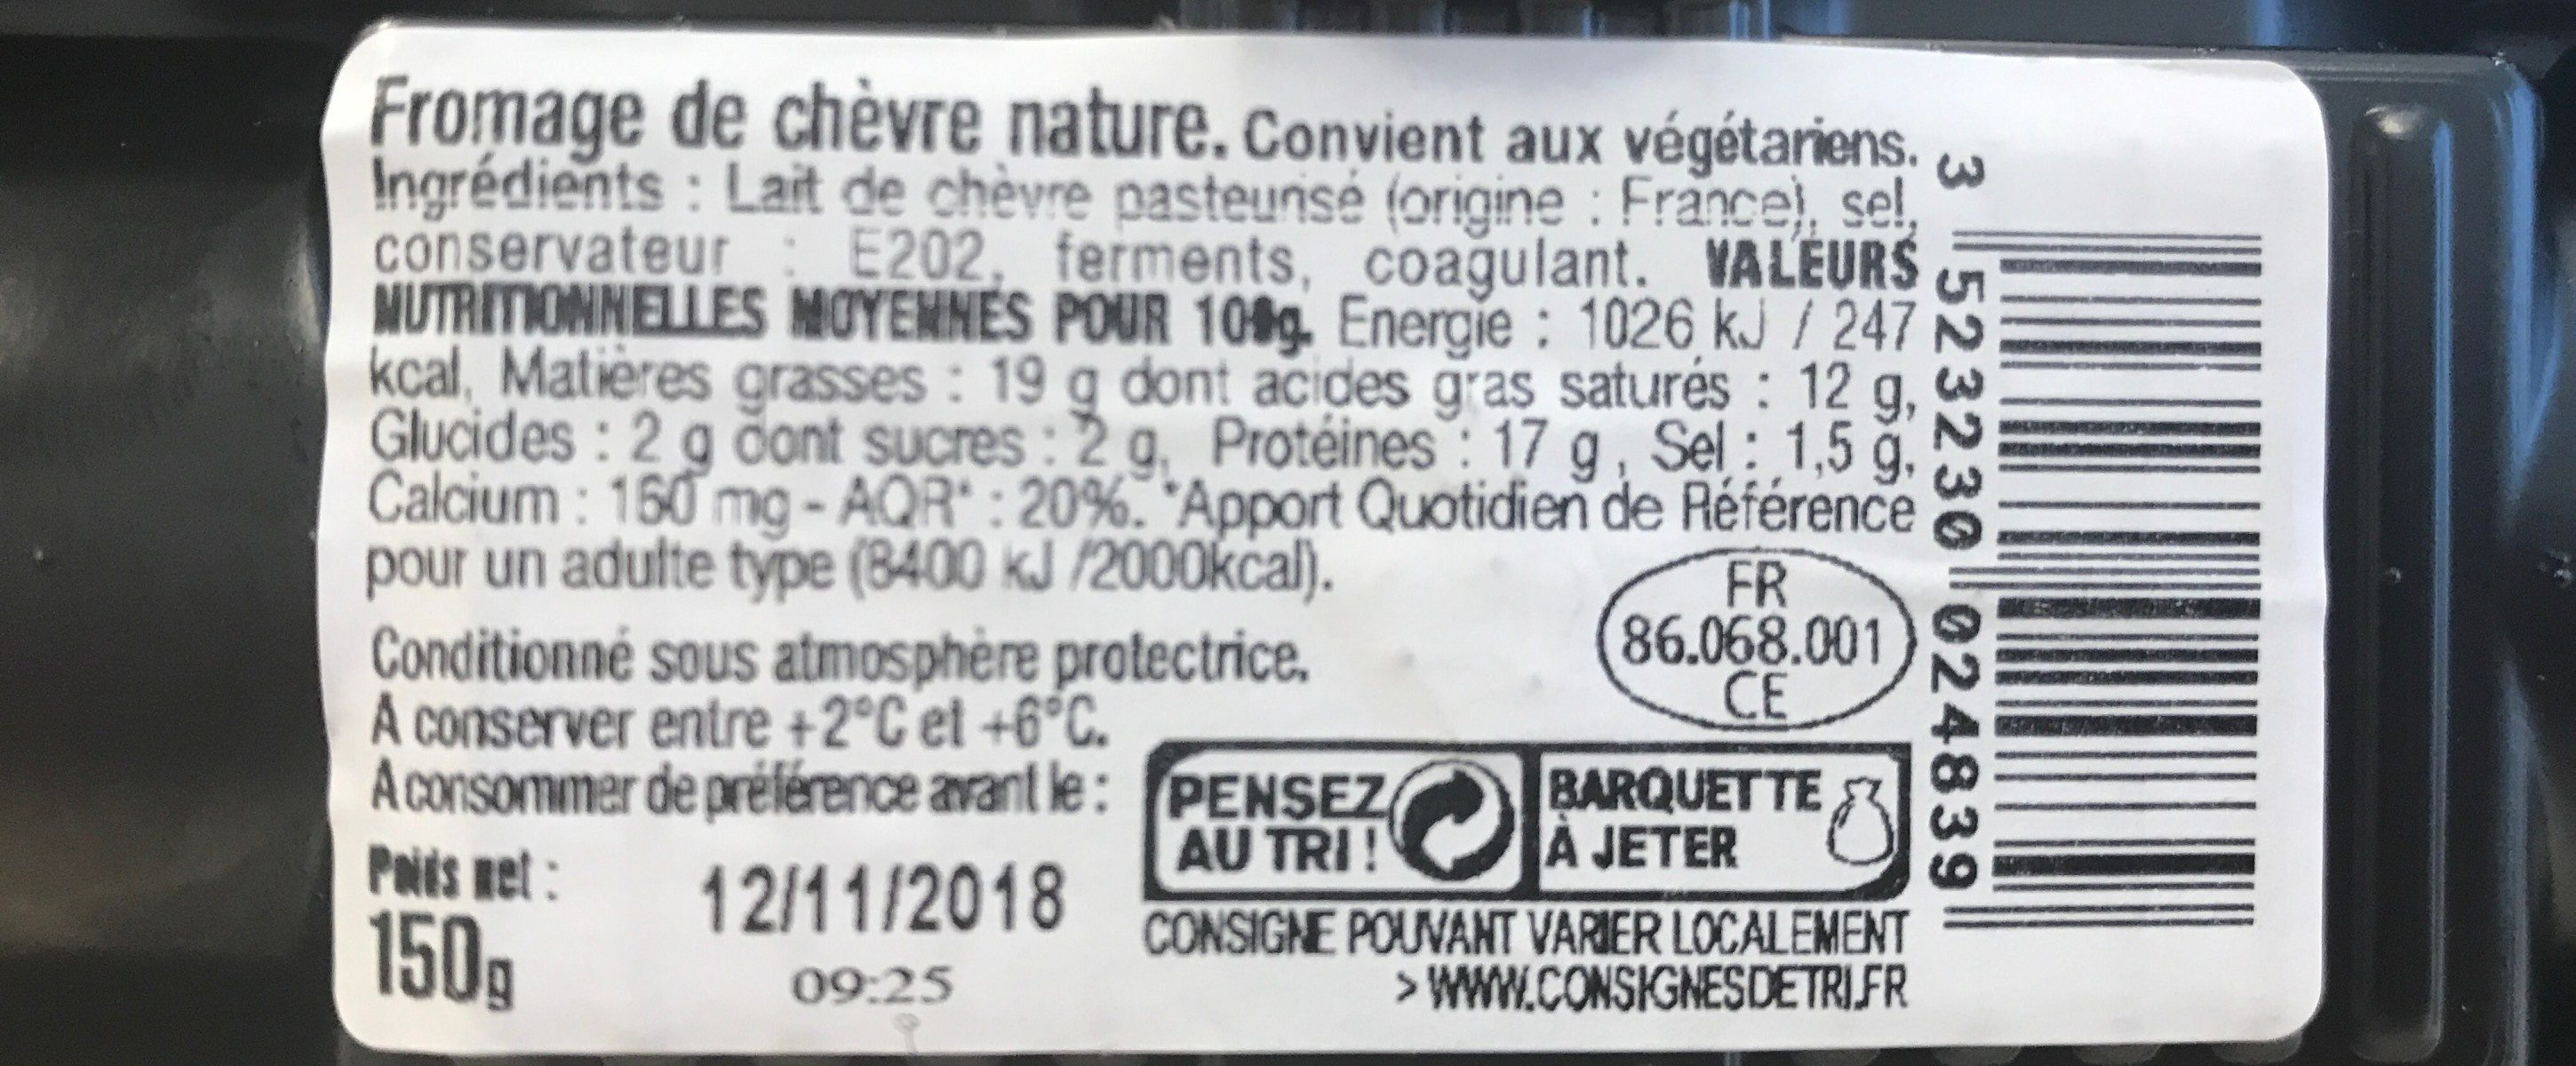 La Bûche de Chèvre Nature - Nutrition facts - fr